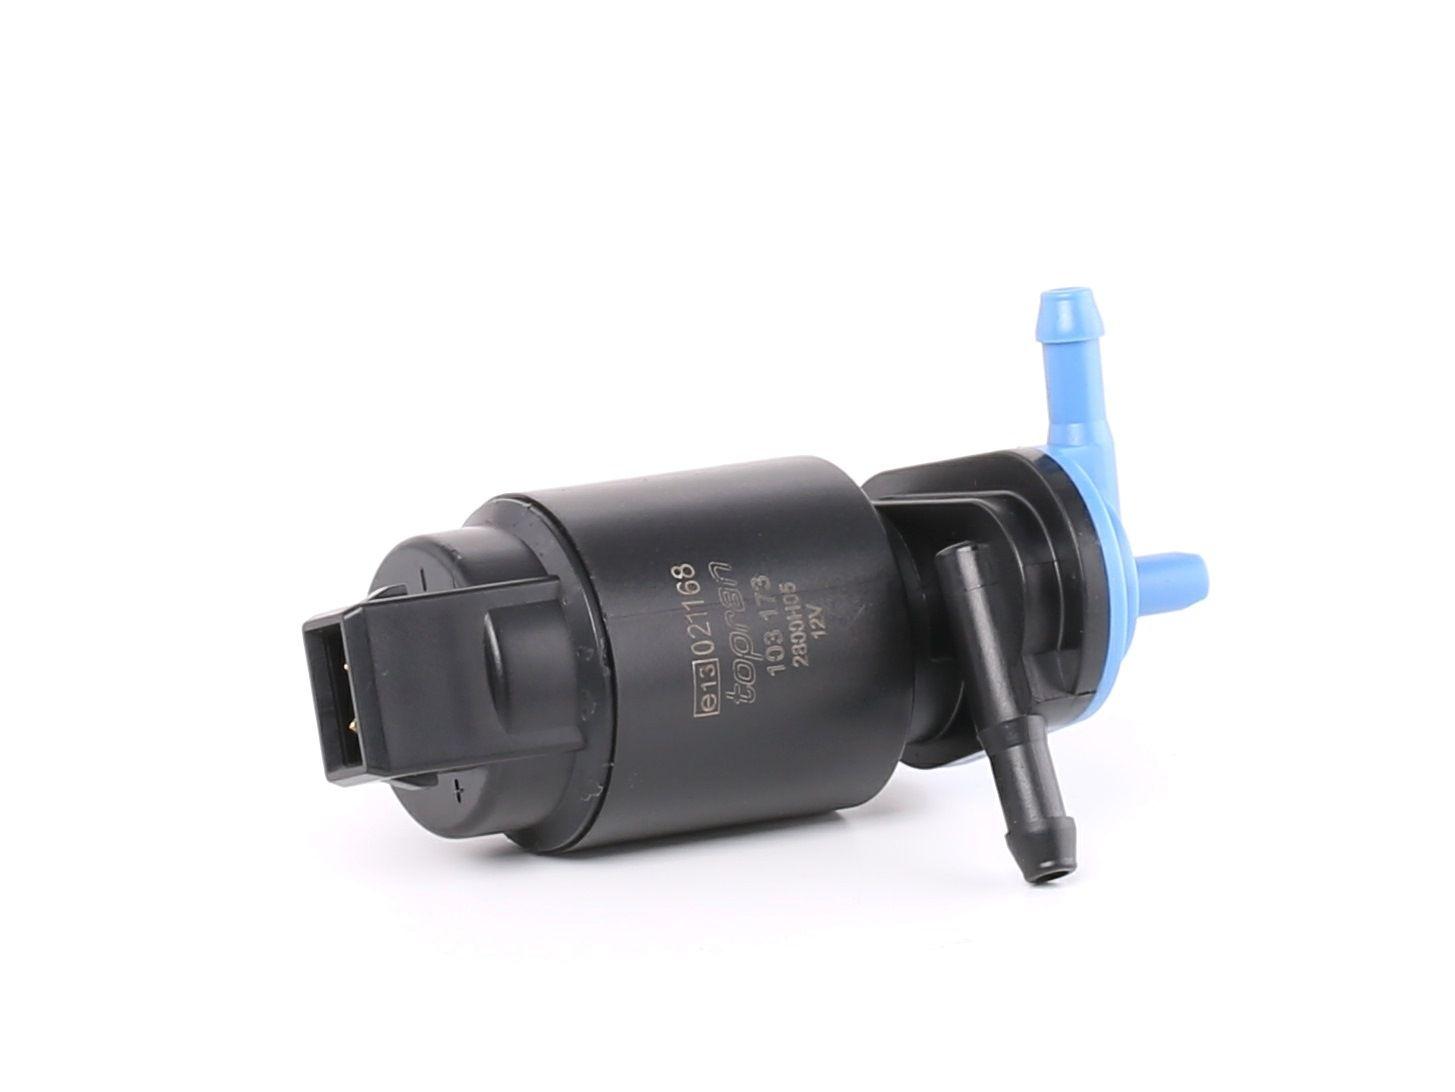 Pompa tergicristallo 103 173 acquista online 24/7